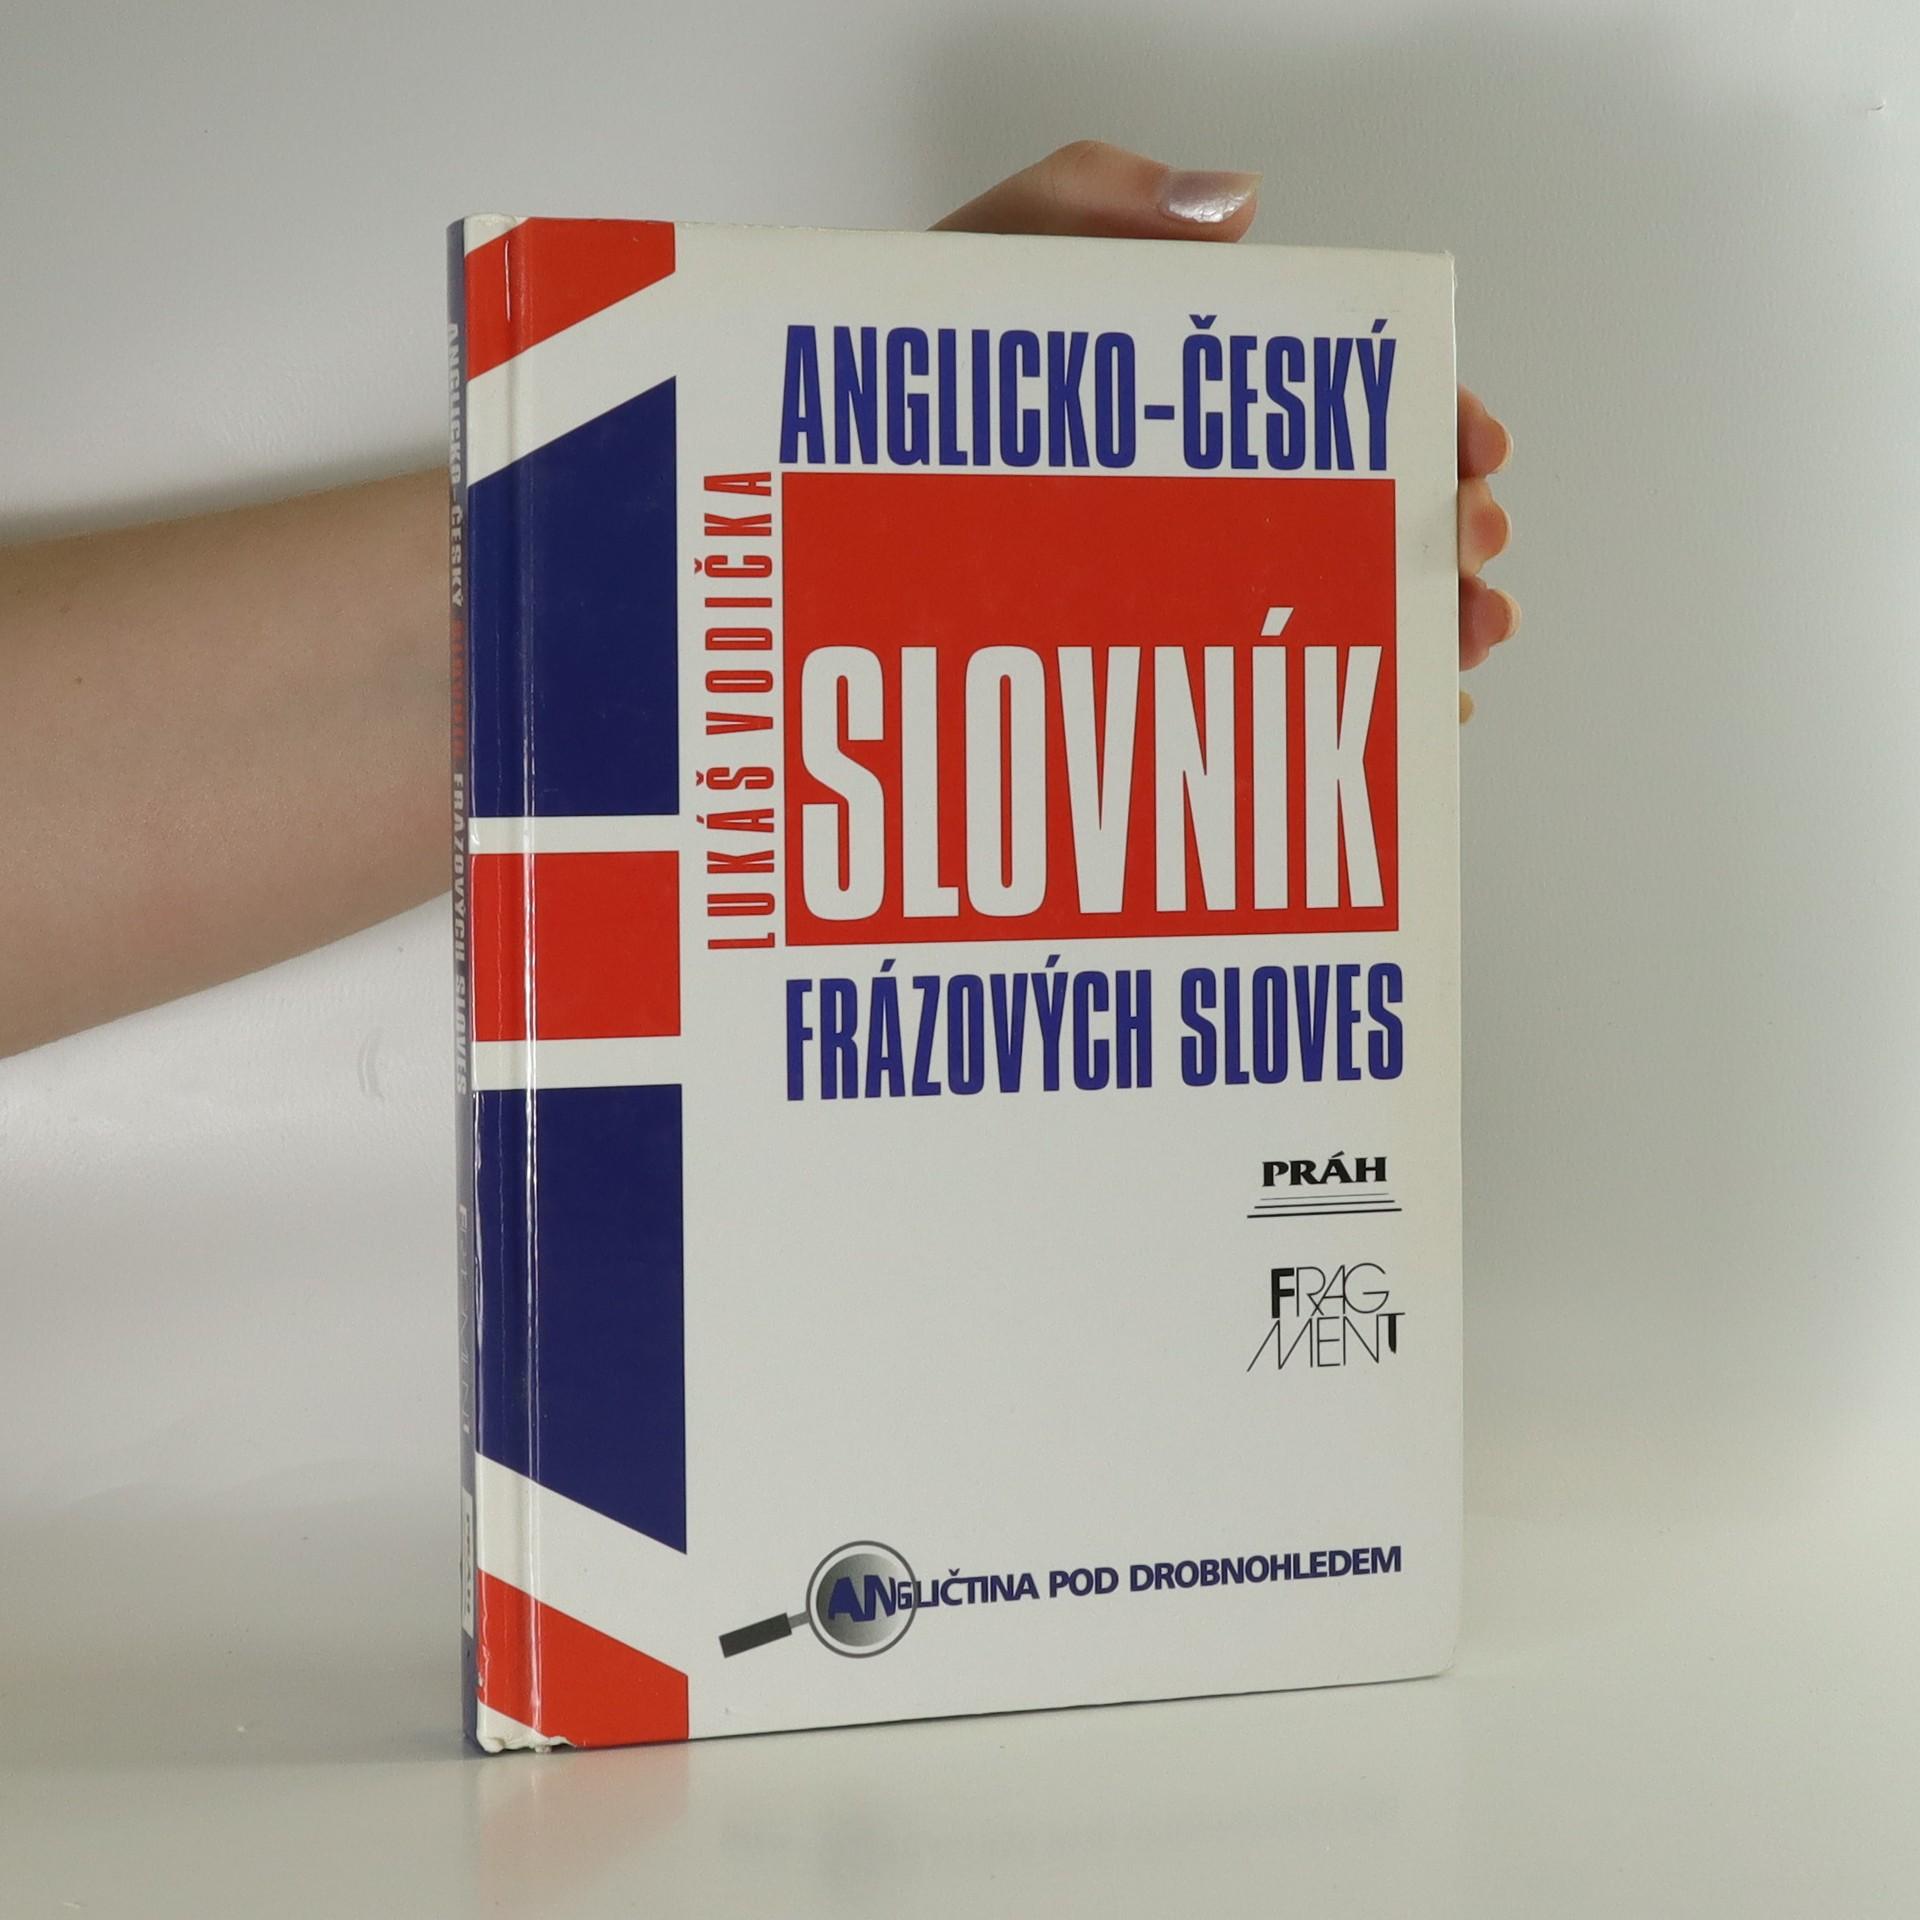 antikvární kniha Anglicko-český slovník frázových sloves, 2002